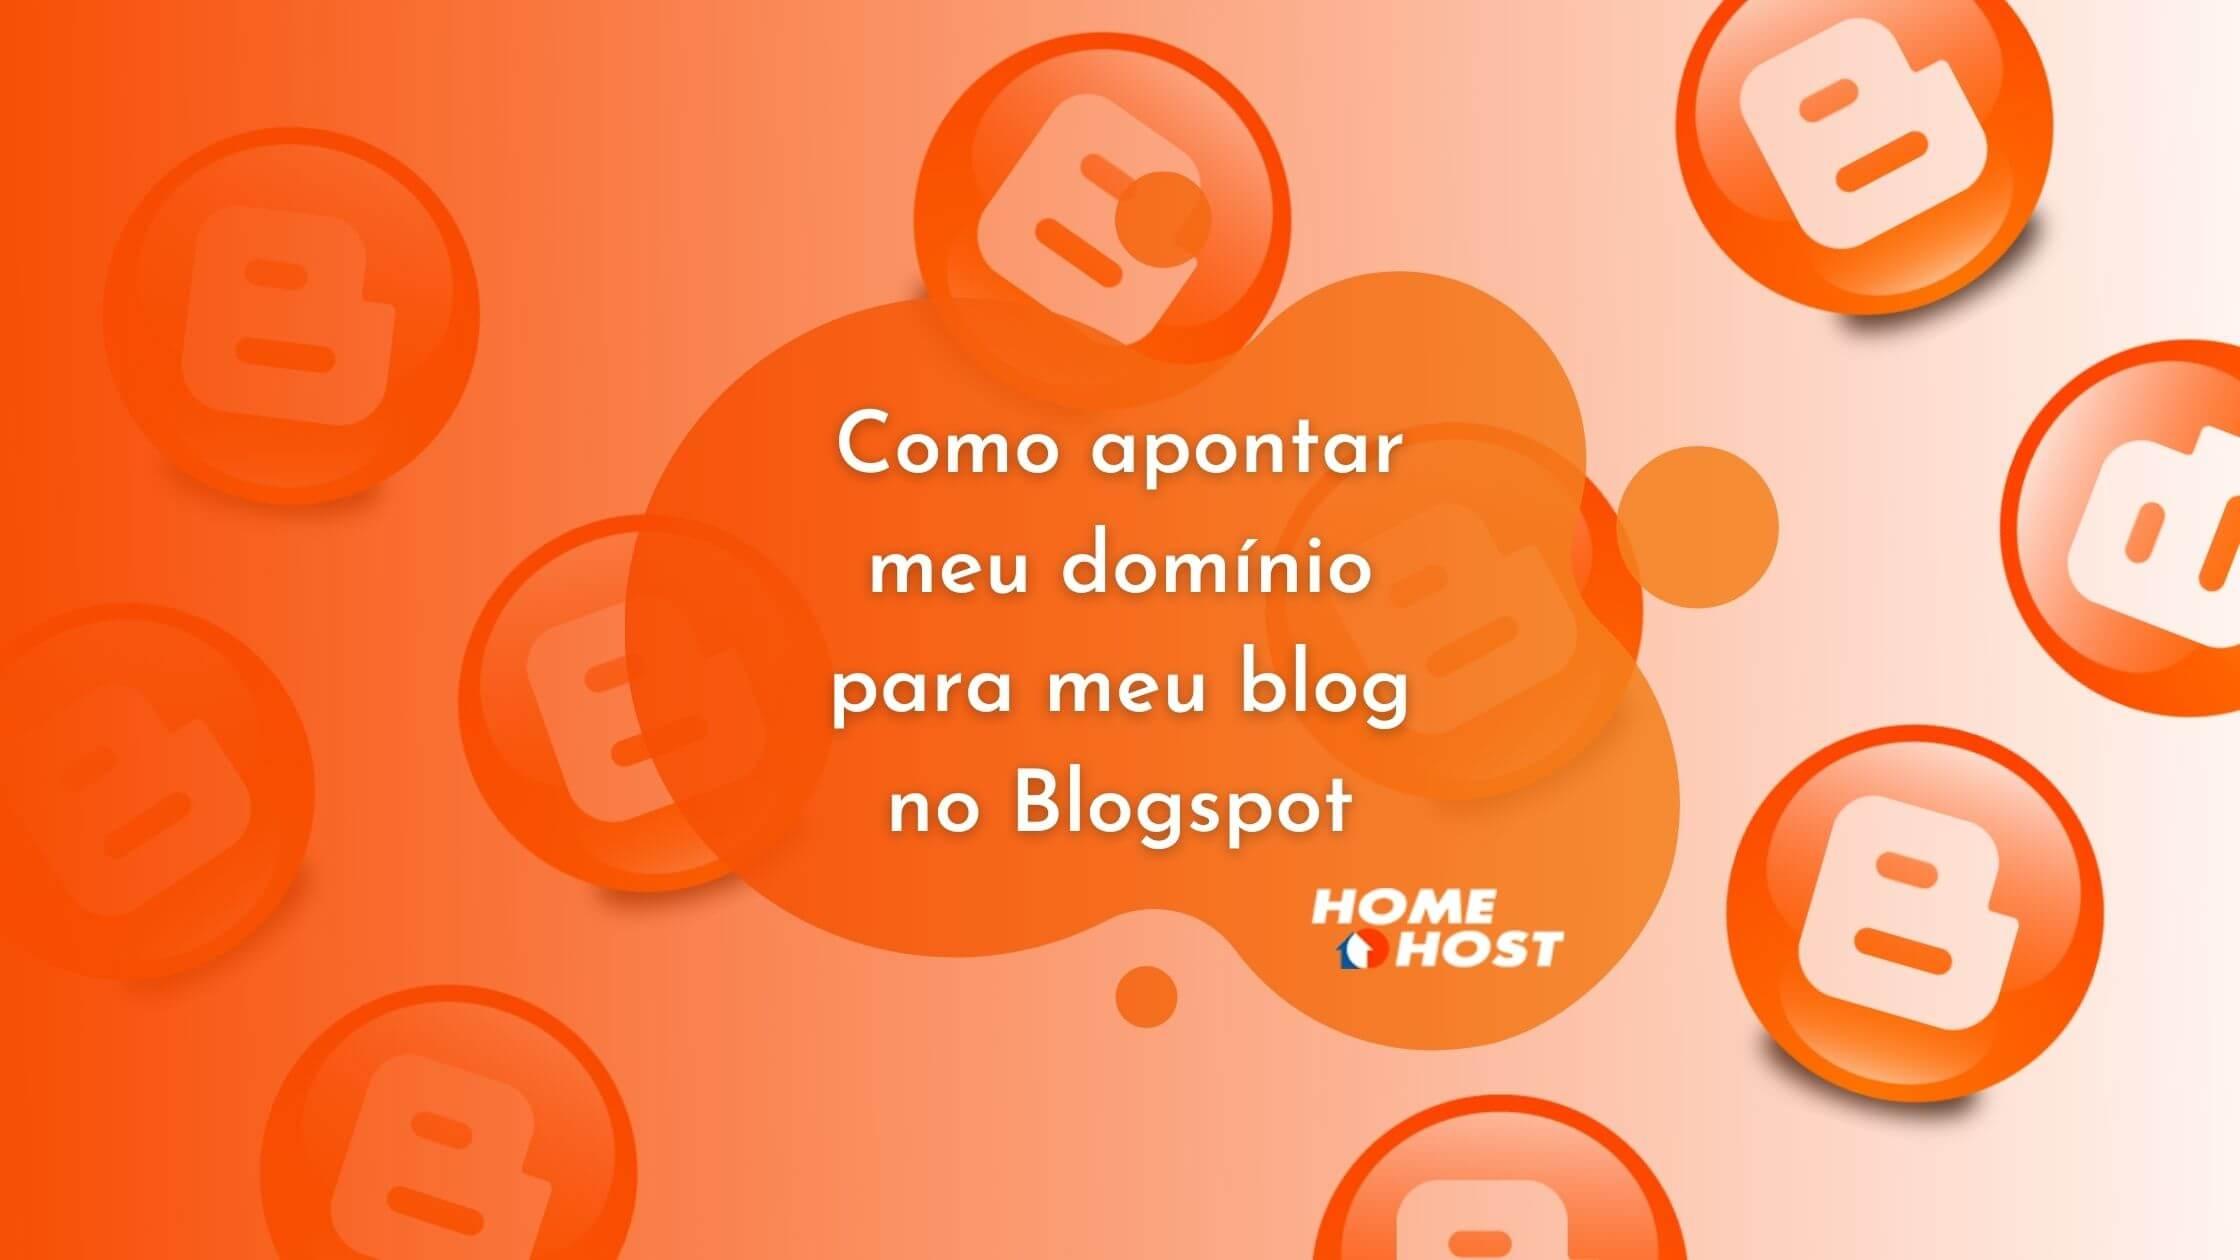 Como apontar meu domínio para meu blog no Blogspot